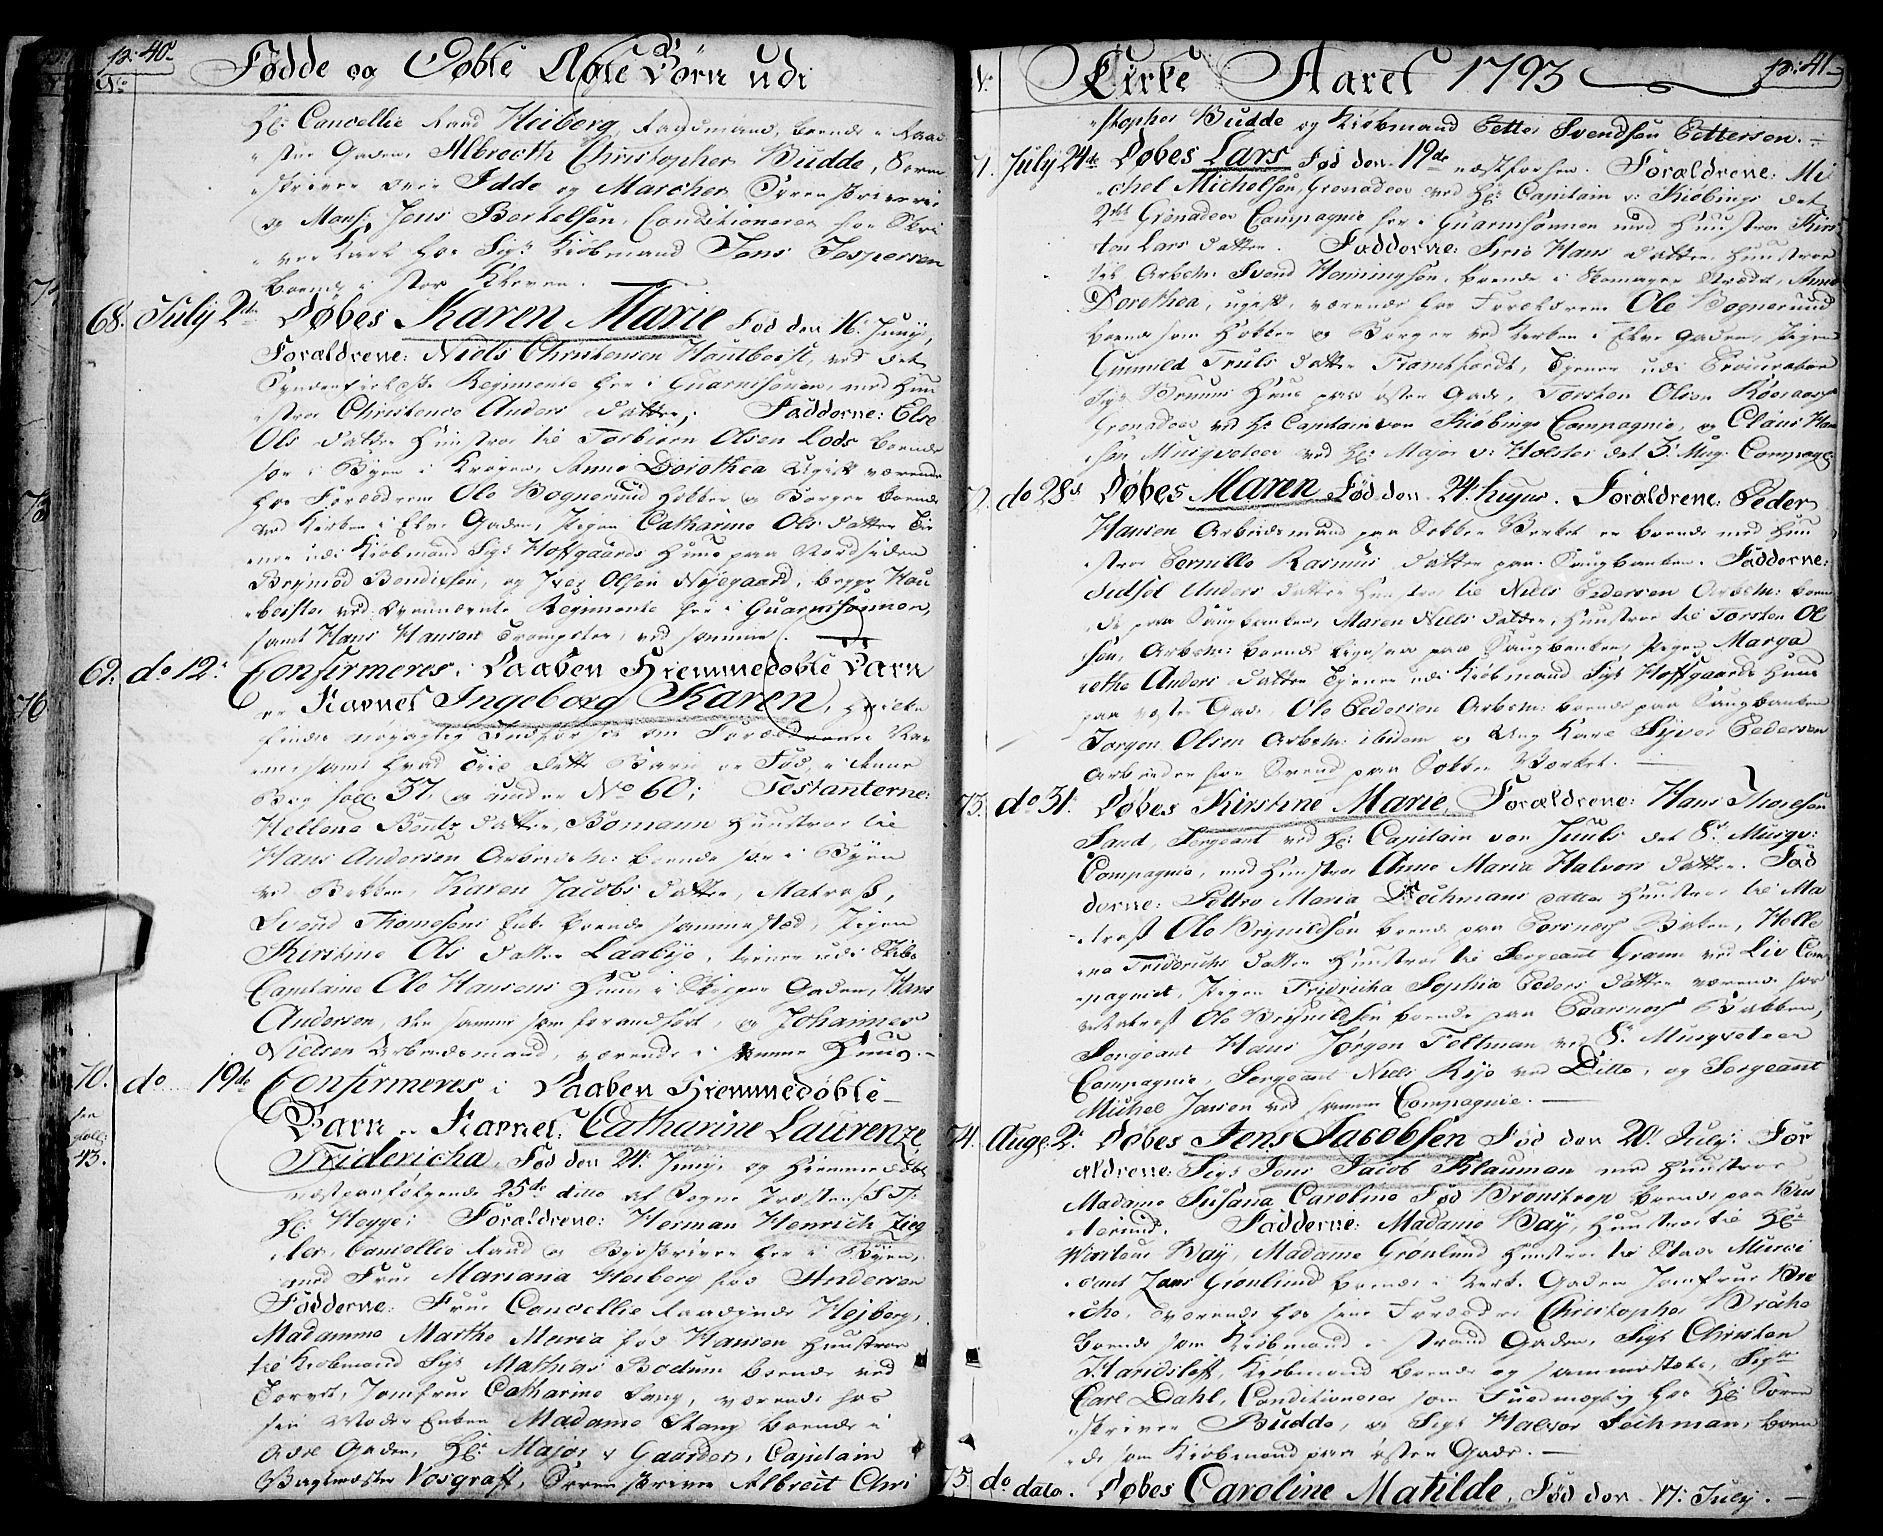 SAO, Halden prestekontor Kirkebøker, F/Fa/L0002: Ministerialbok nr. I 2, 1792-1812, s. 40-41